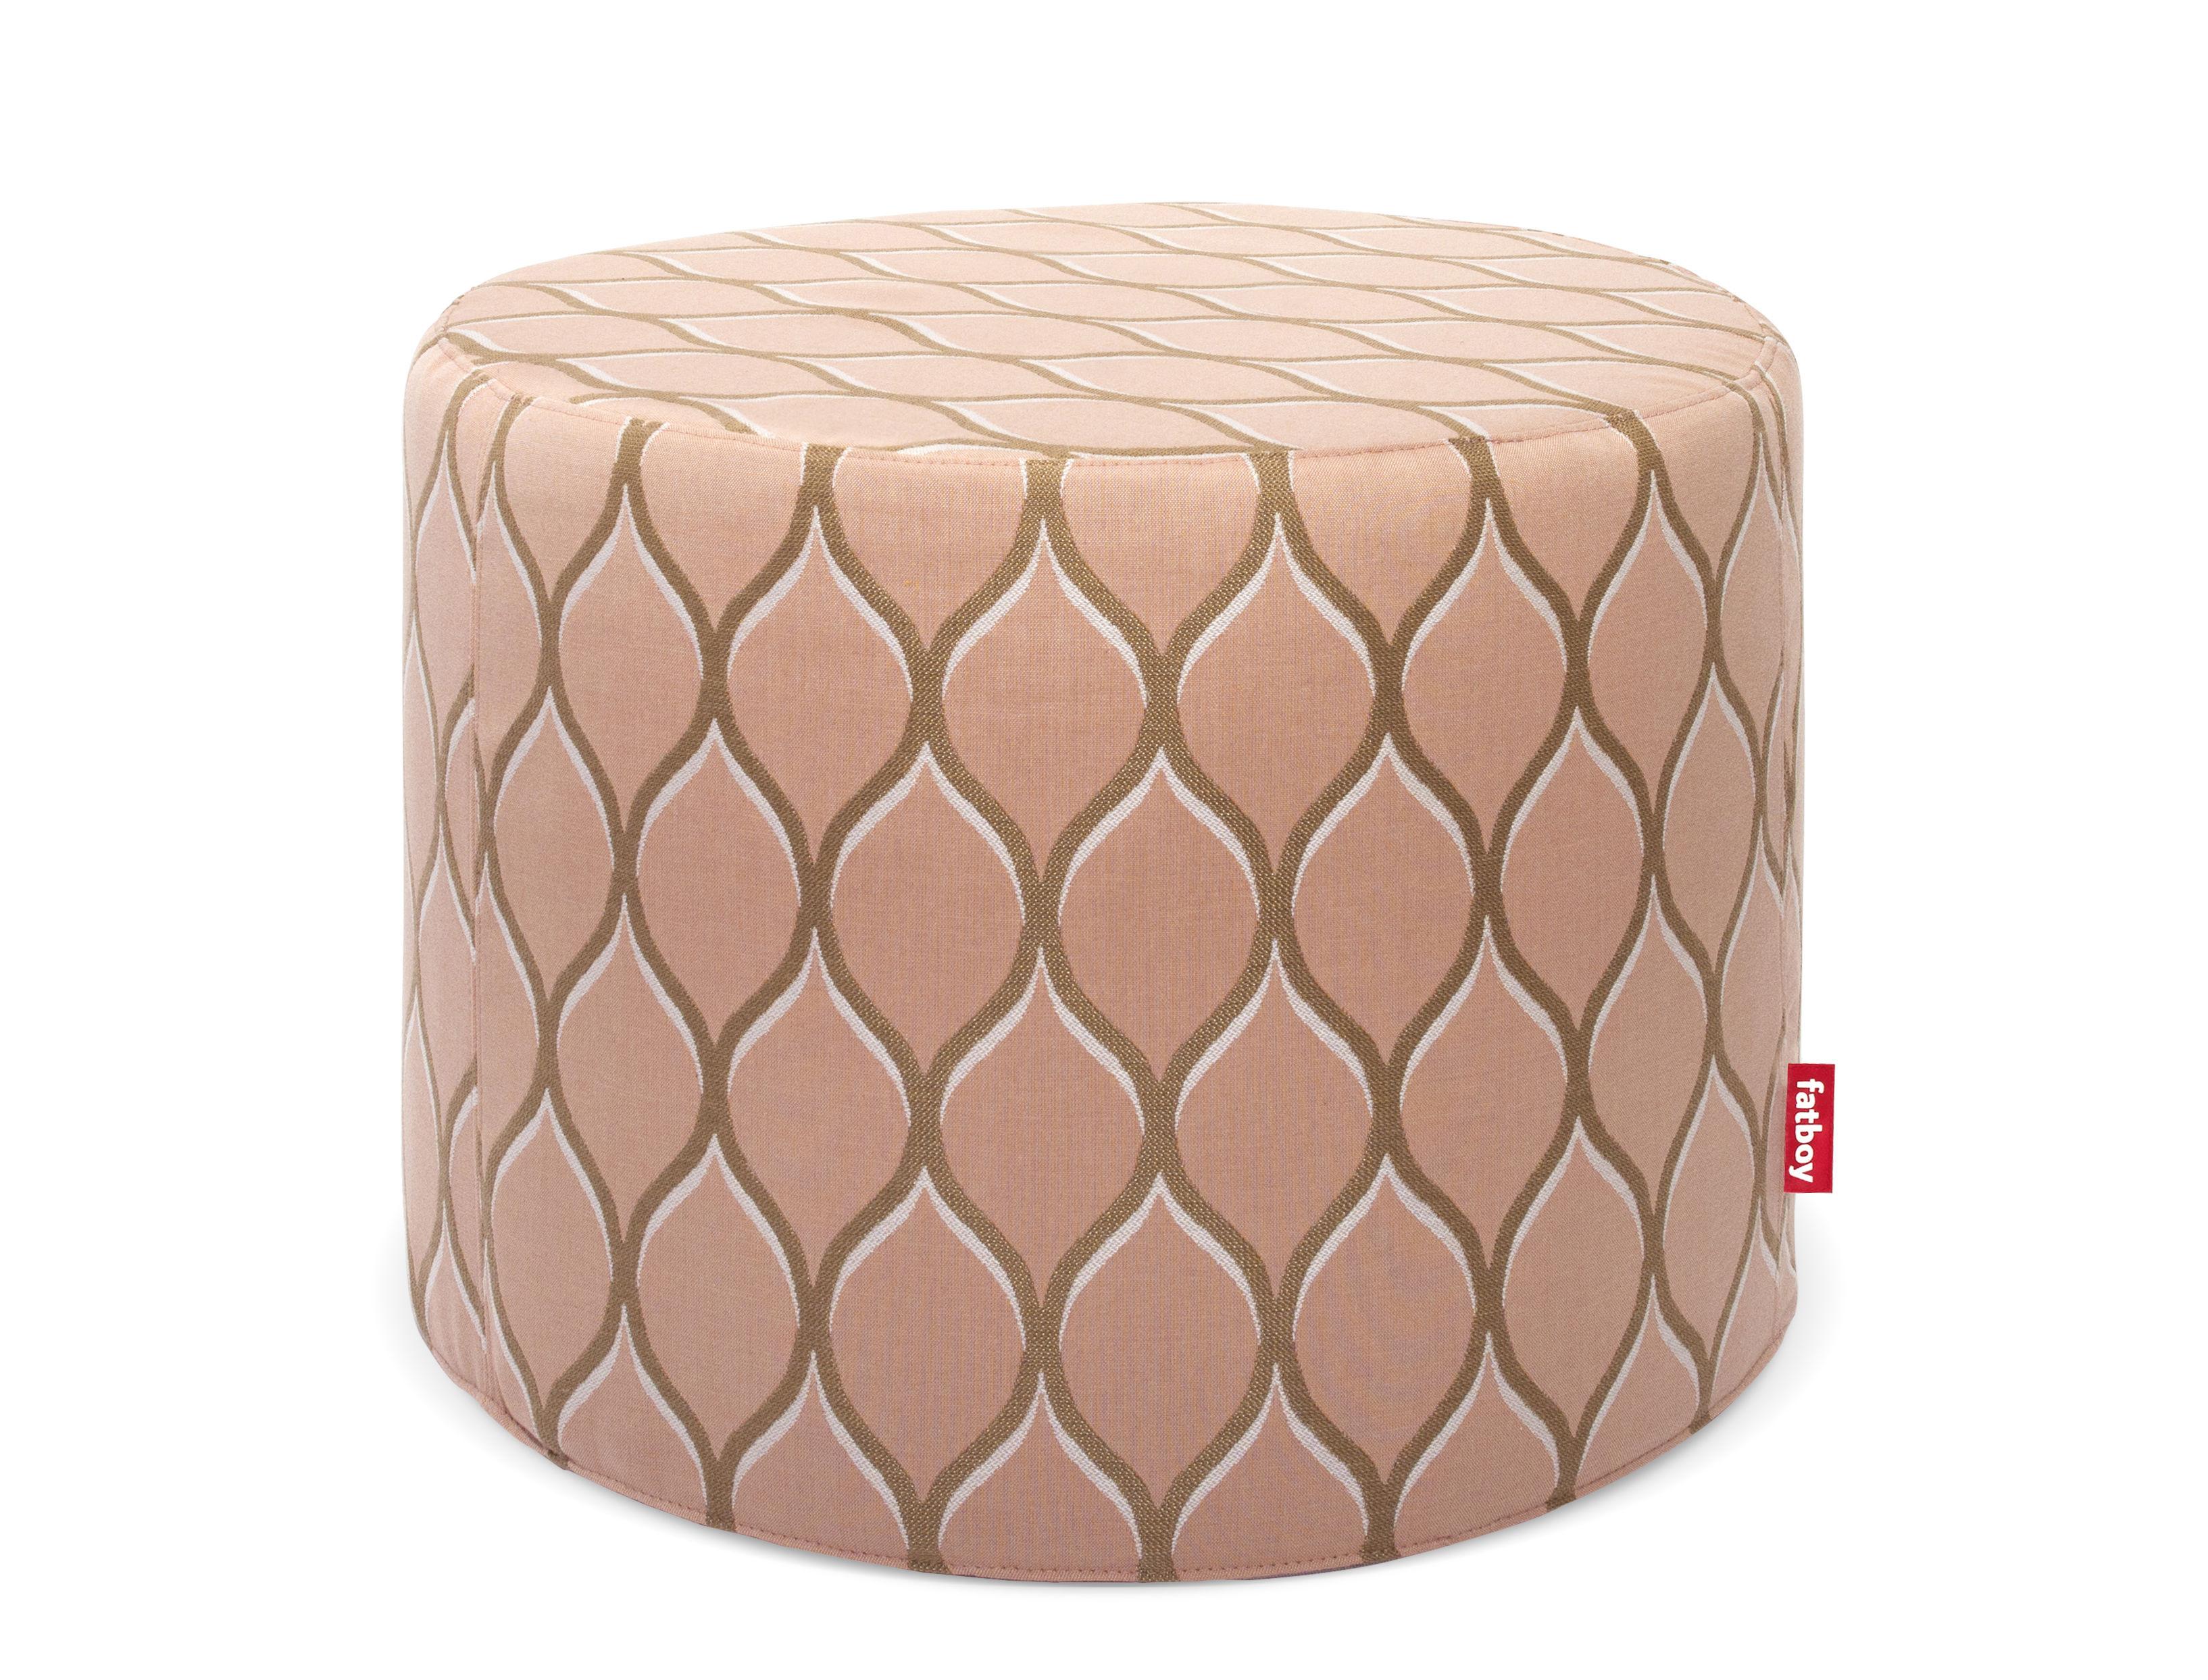 Möbel - Sitzkissen - Rondeju Sitzkissen / outdoorgeeignet - Ø 61 cm - Fatboy - Dragée-Muster / rosa - polymerbeschichtete Holzfaserplatte, Schaumstoff, Sunbrella-Gewebe, Thermoplastique